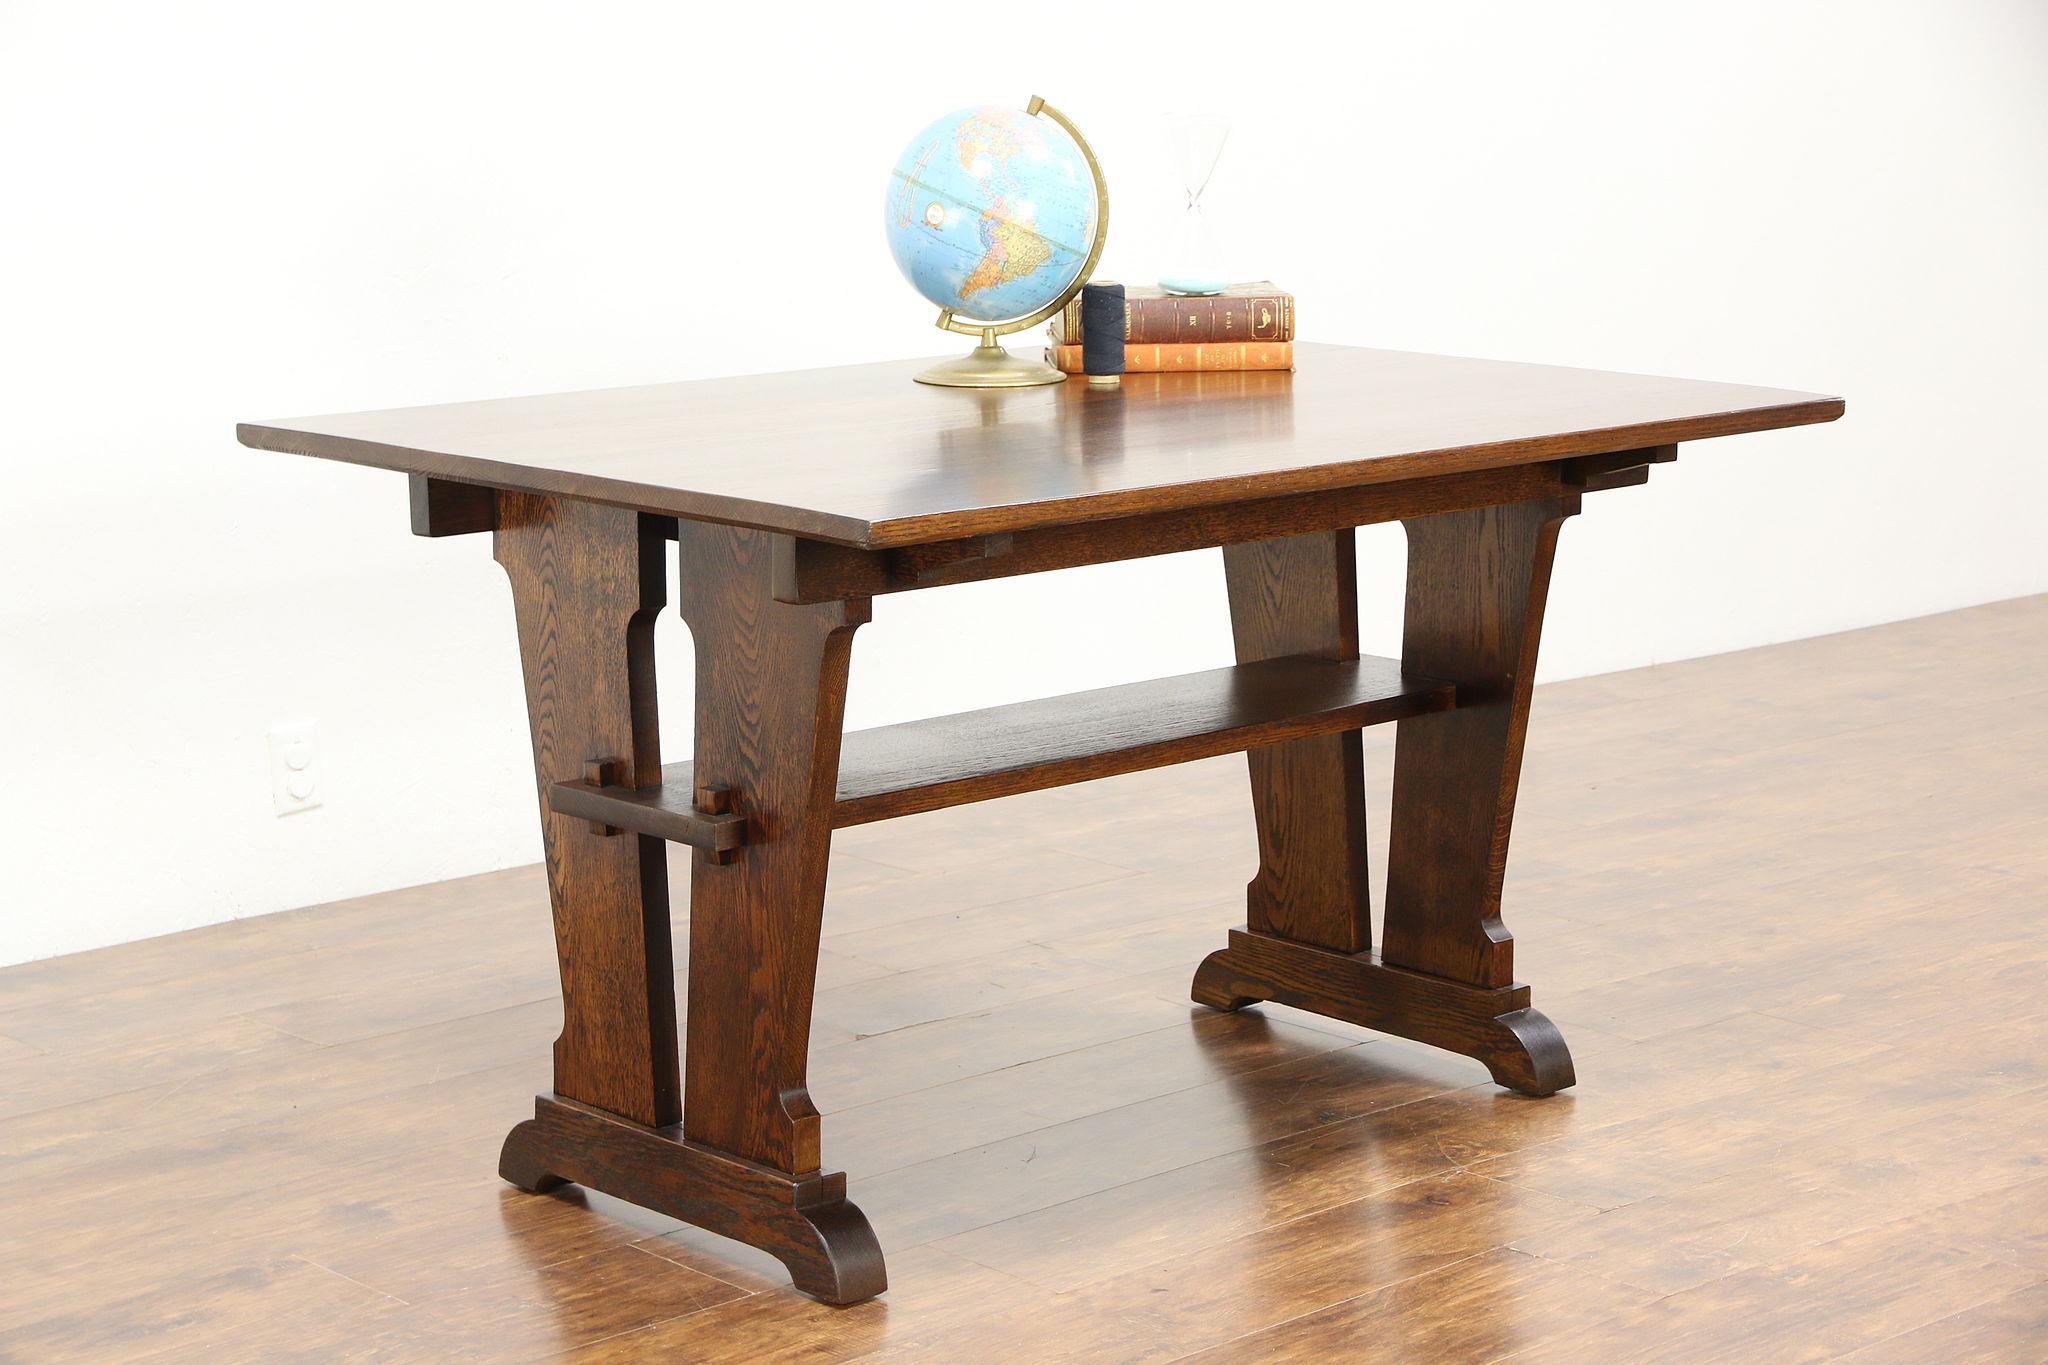 Gentil Arts U0026 Crafts Mission Oak Library, Breakfast Or Dining Antique Craftsman  Table